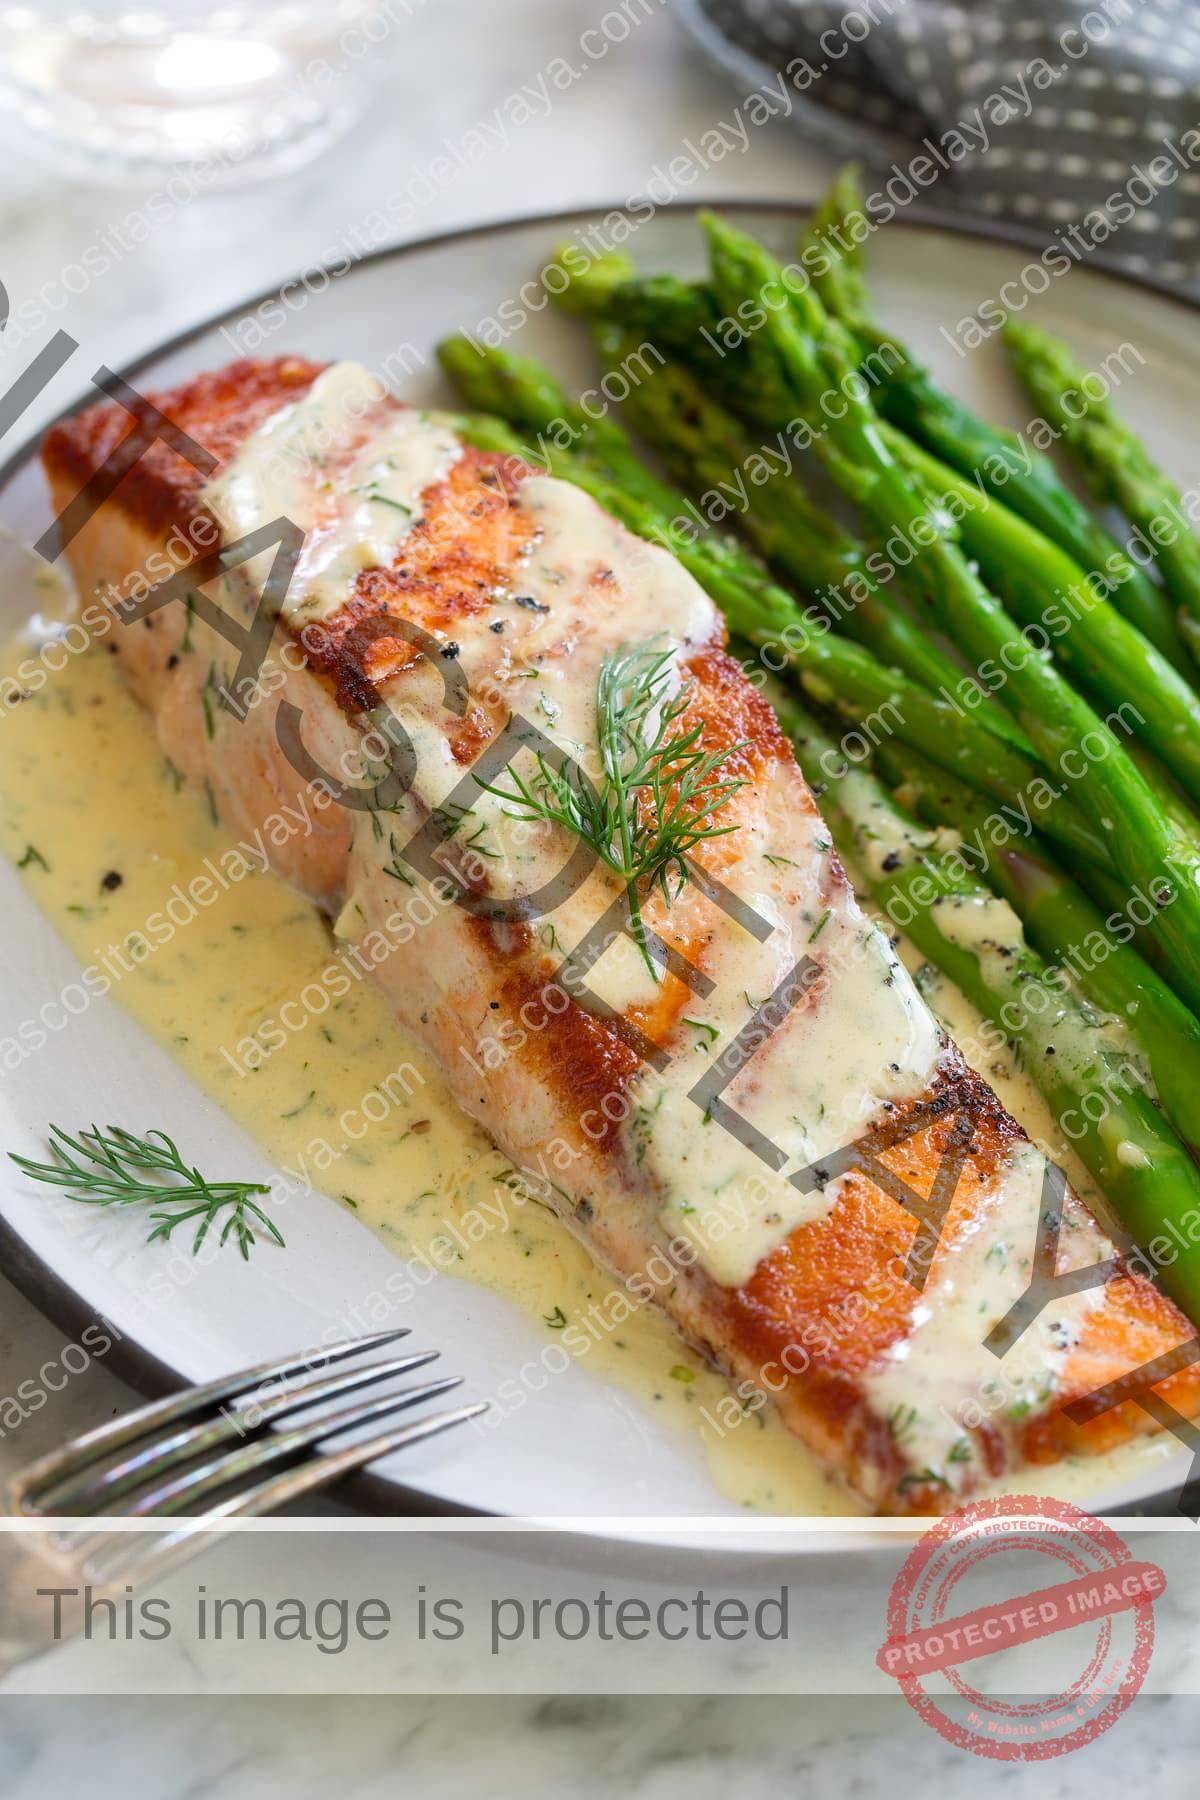 Una sola sartén de filete de salmón a la plancha en un plato blanco.  El salmón se rocía con una salsa cremosa de mostaza y se espolvorea con eneldo.  Se sirve acompañado de espárragos.